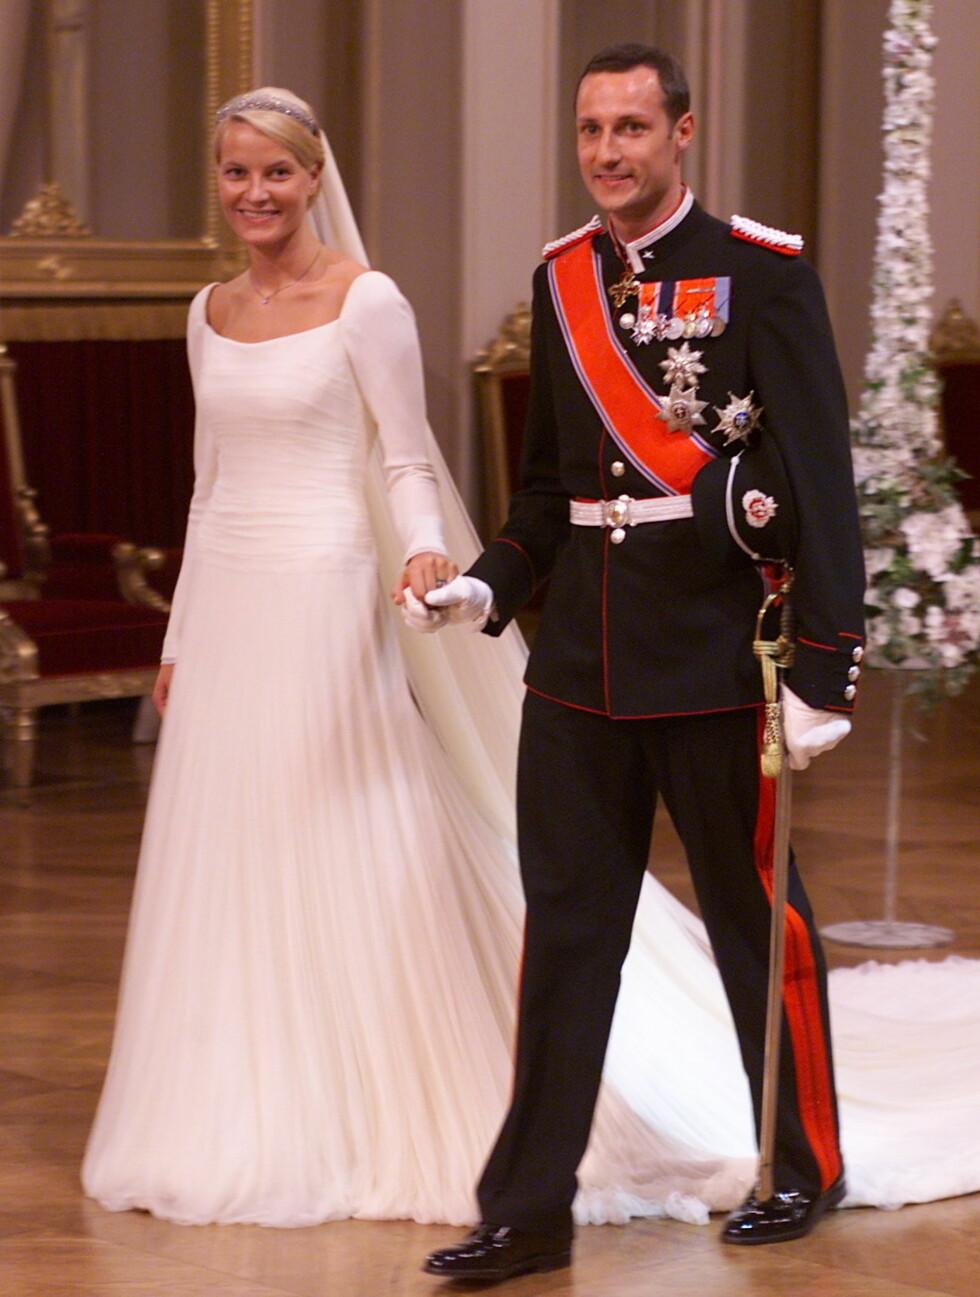 NORSK DESIGN: Kronprinsesse Mette-Marits flotte brudekjole fra norske Ove Harder Finseth var sydd av hele 125 meter drapert silketyll – og var inspirert av en av dronning Mauds kjoler. Foto: All Over Press Norway